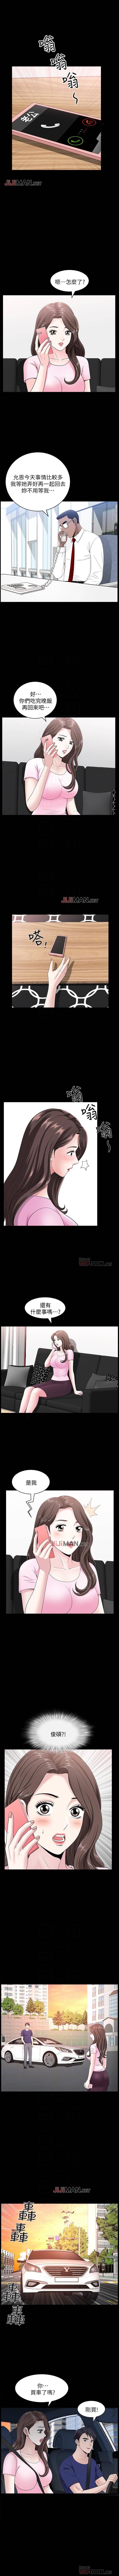 【周日连载】双妻生活(作者:skyso) 第1~23话 116